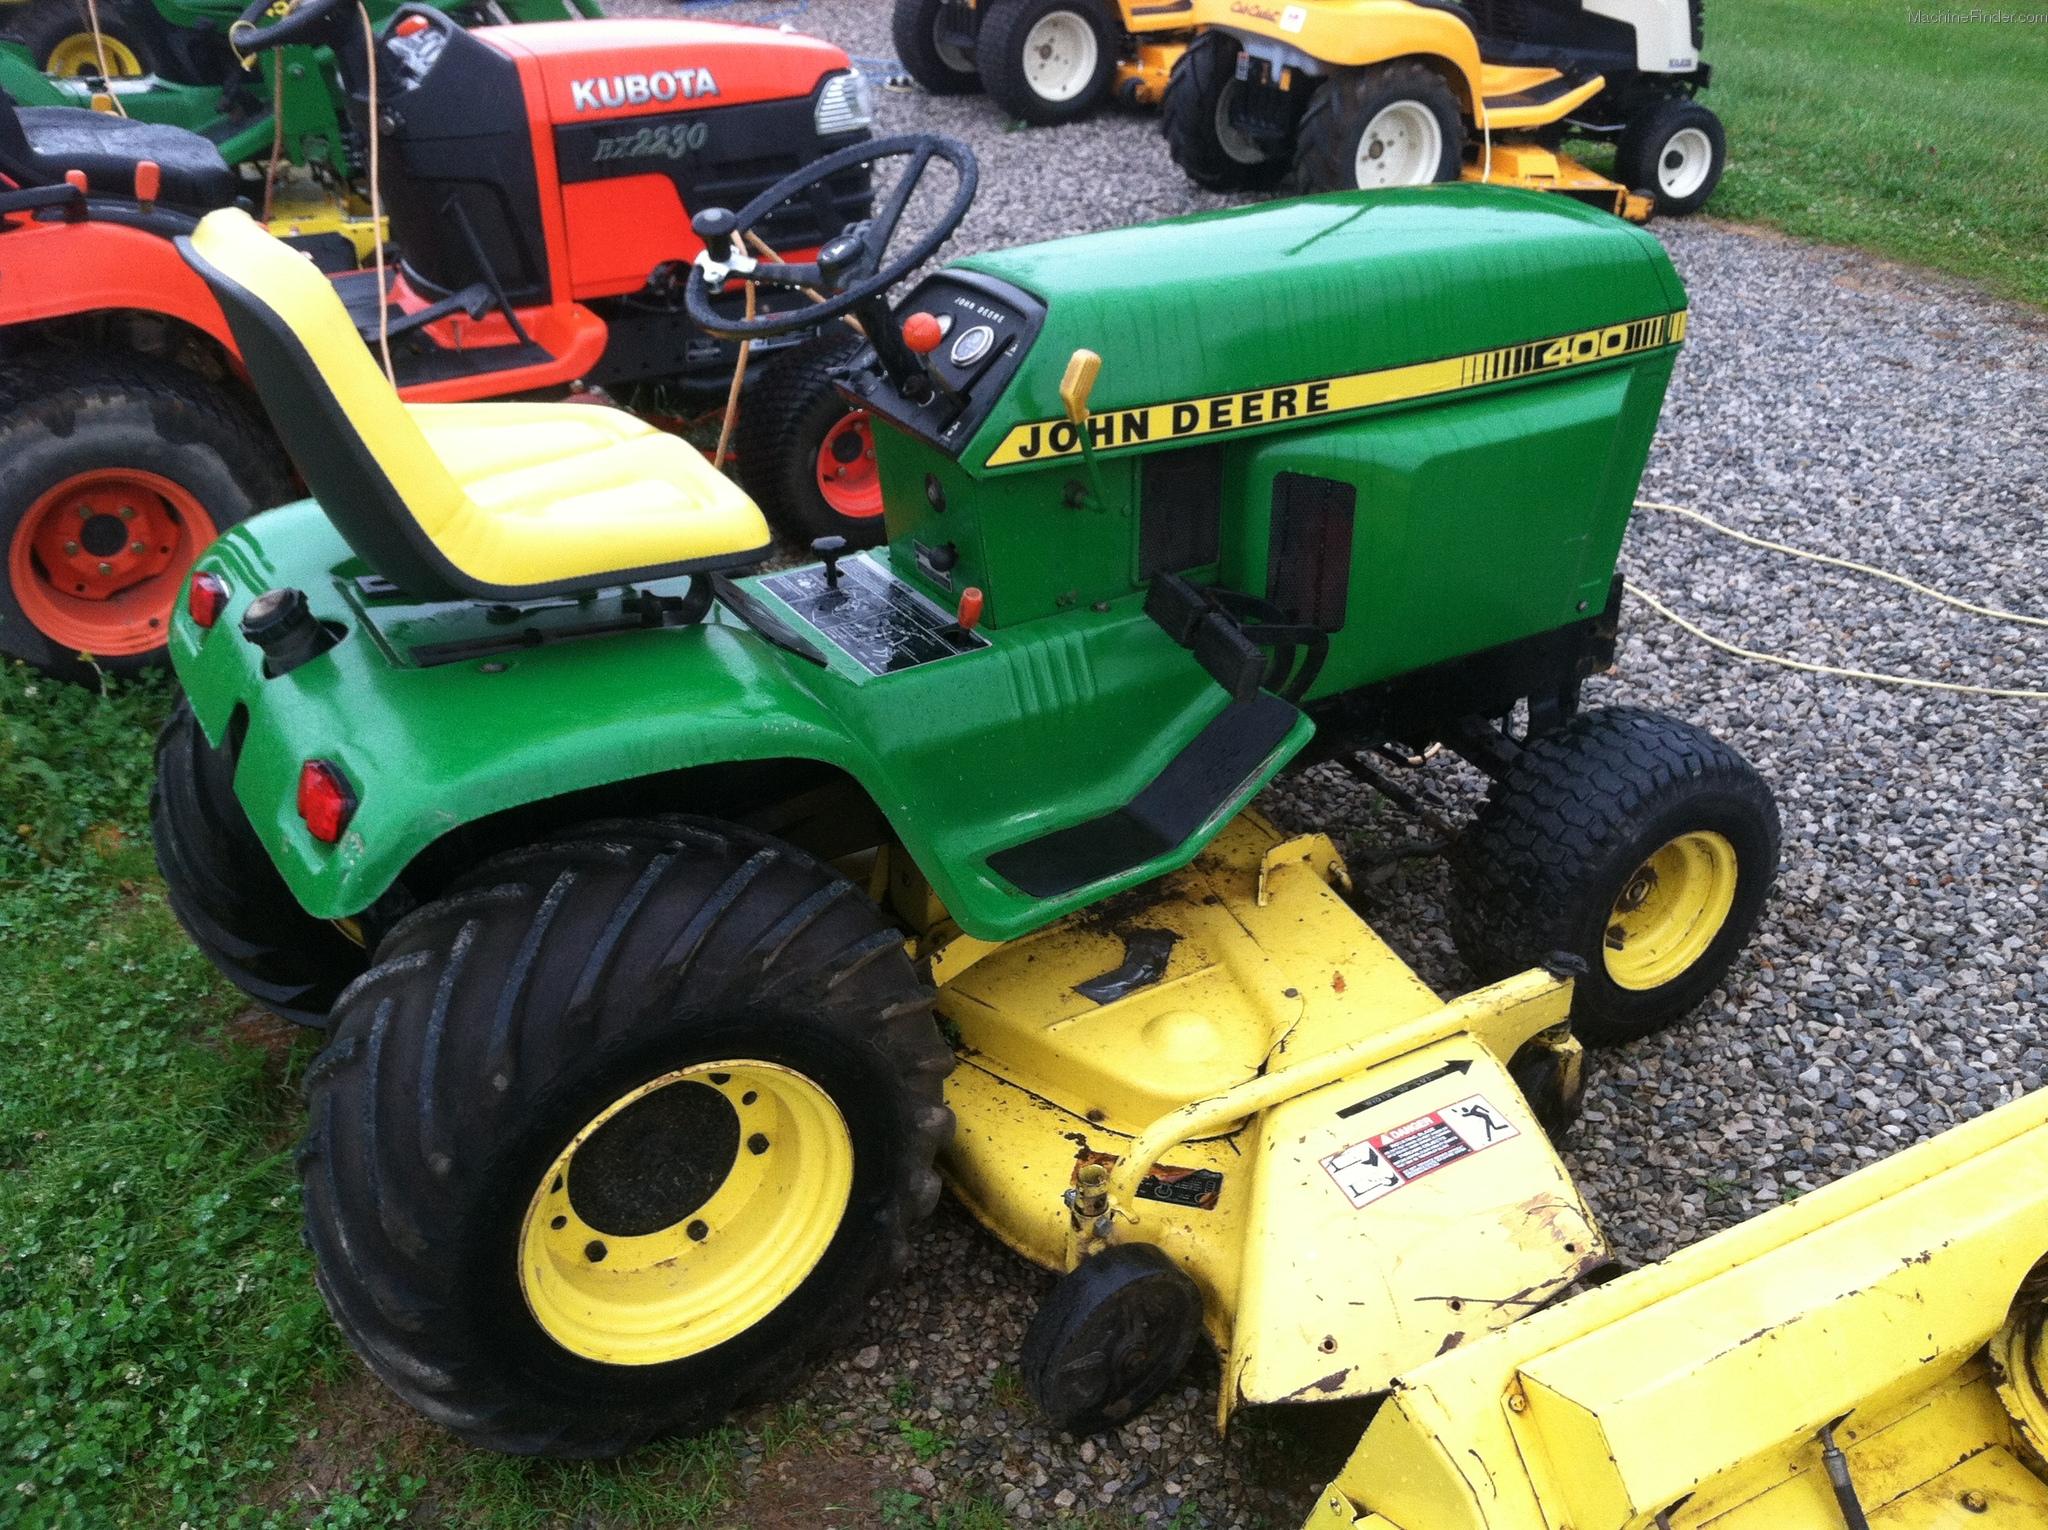 John Deere 400 Garden Tractor Attachments : Tweet